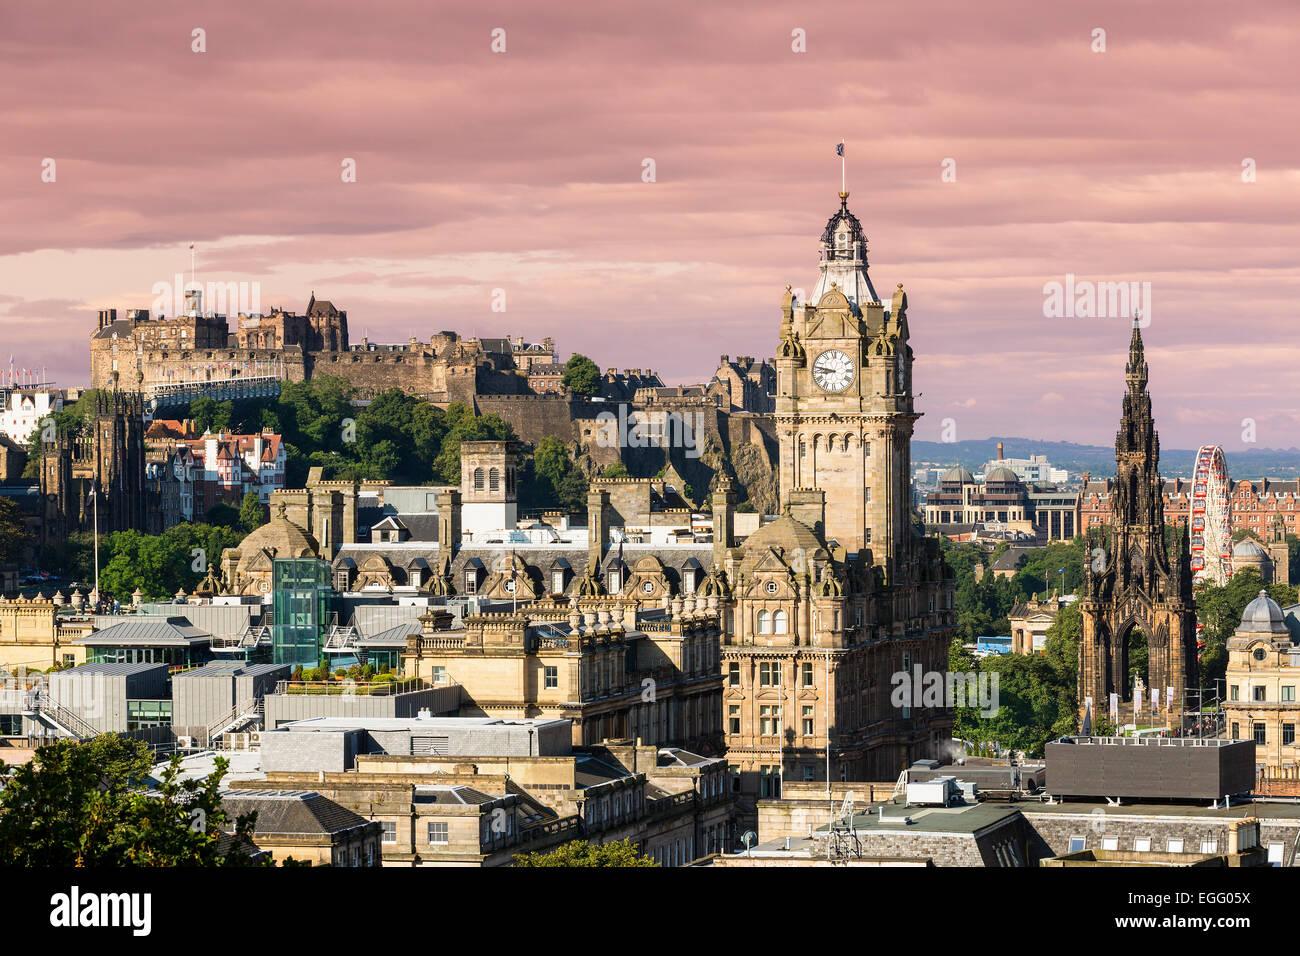 La Ville d'Édimbourg, Écosse Photo Stock